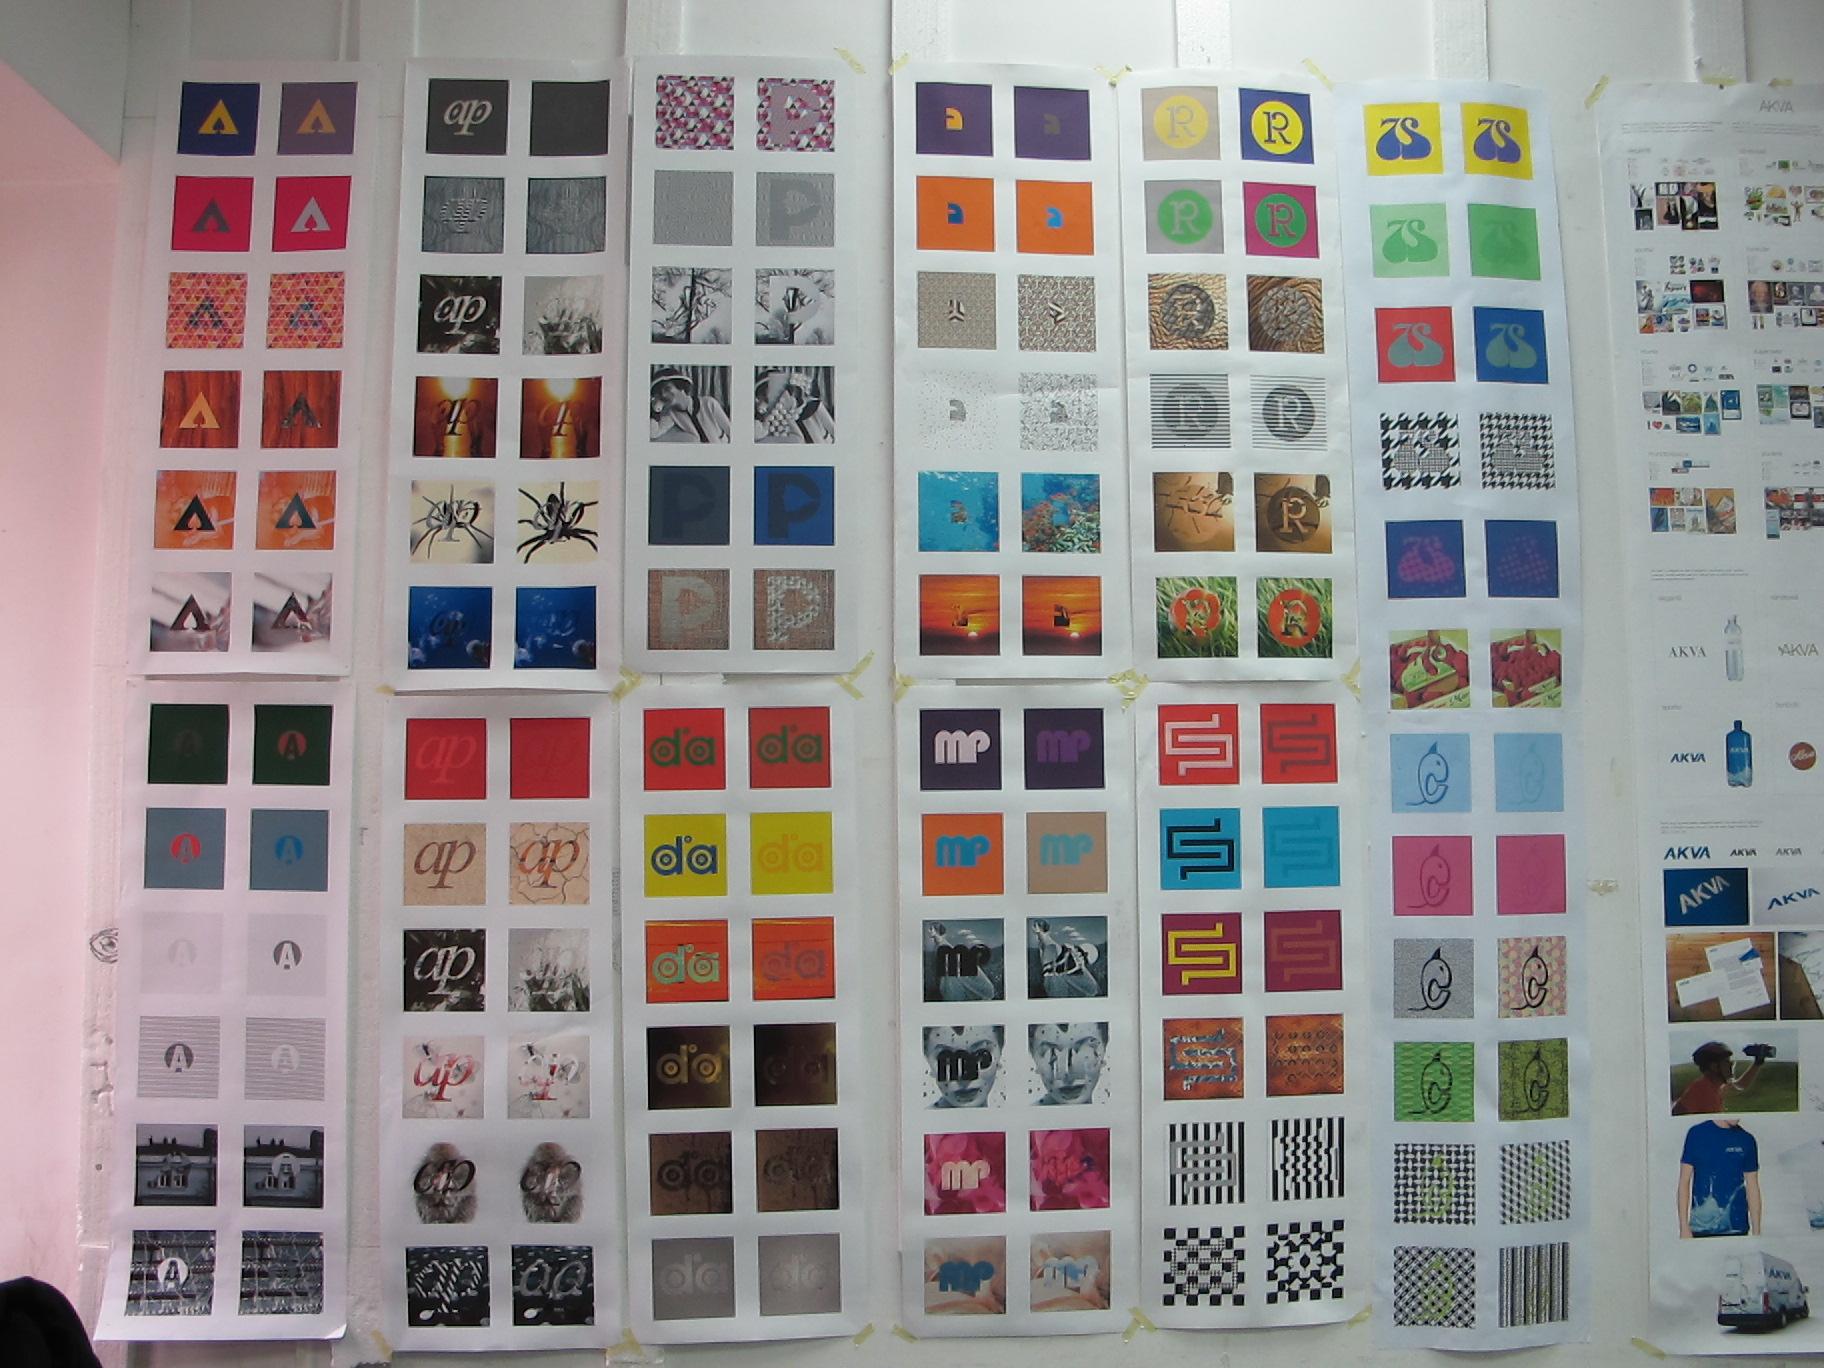 Studii de logo realizate de catre studentii de la design grafic, UNArte, februarie 2013